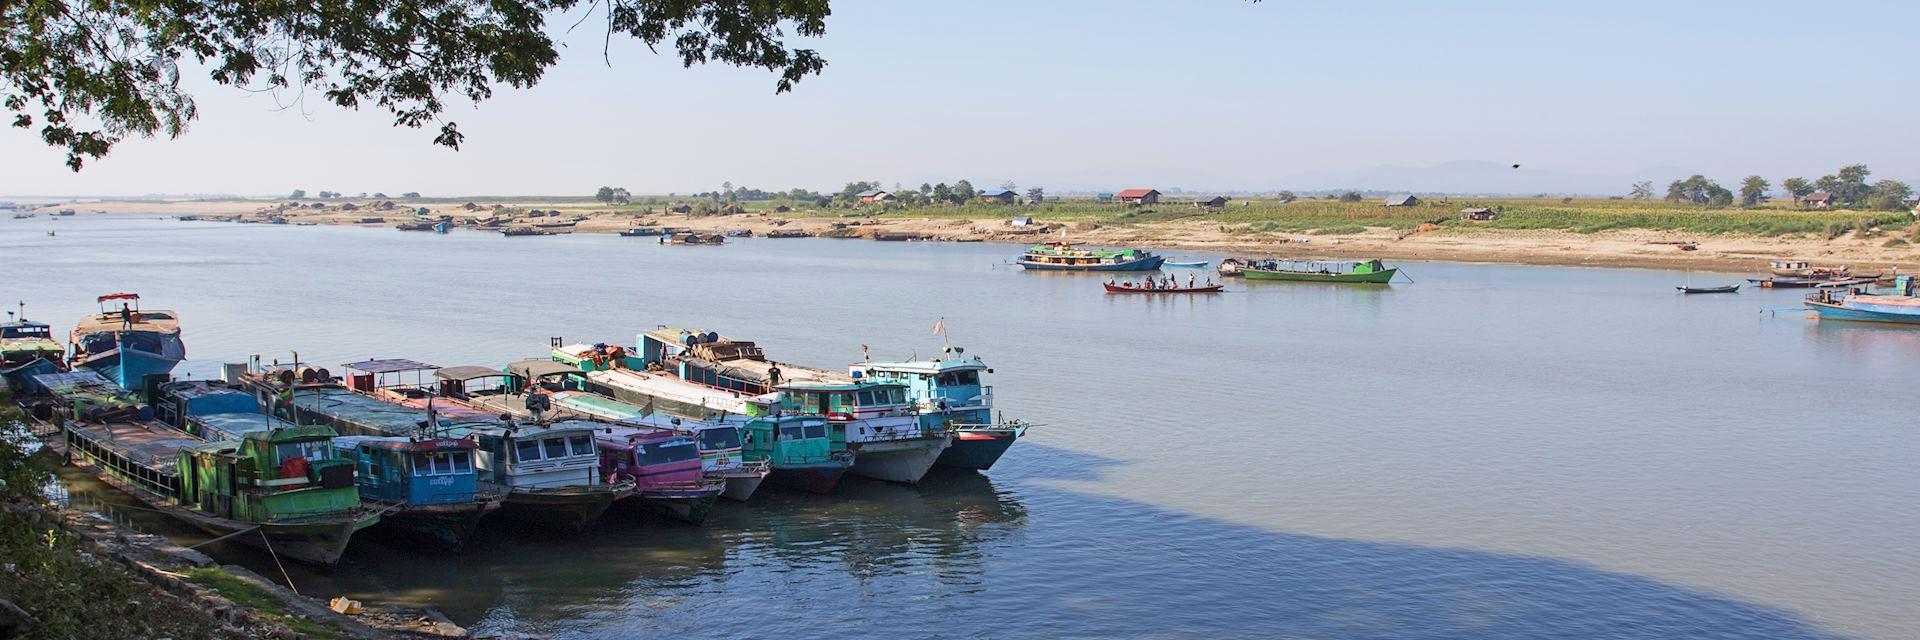 Boats docked in Bhamo